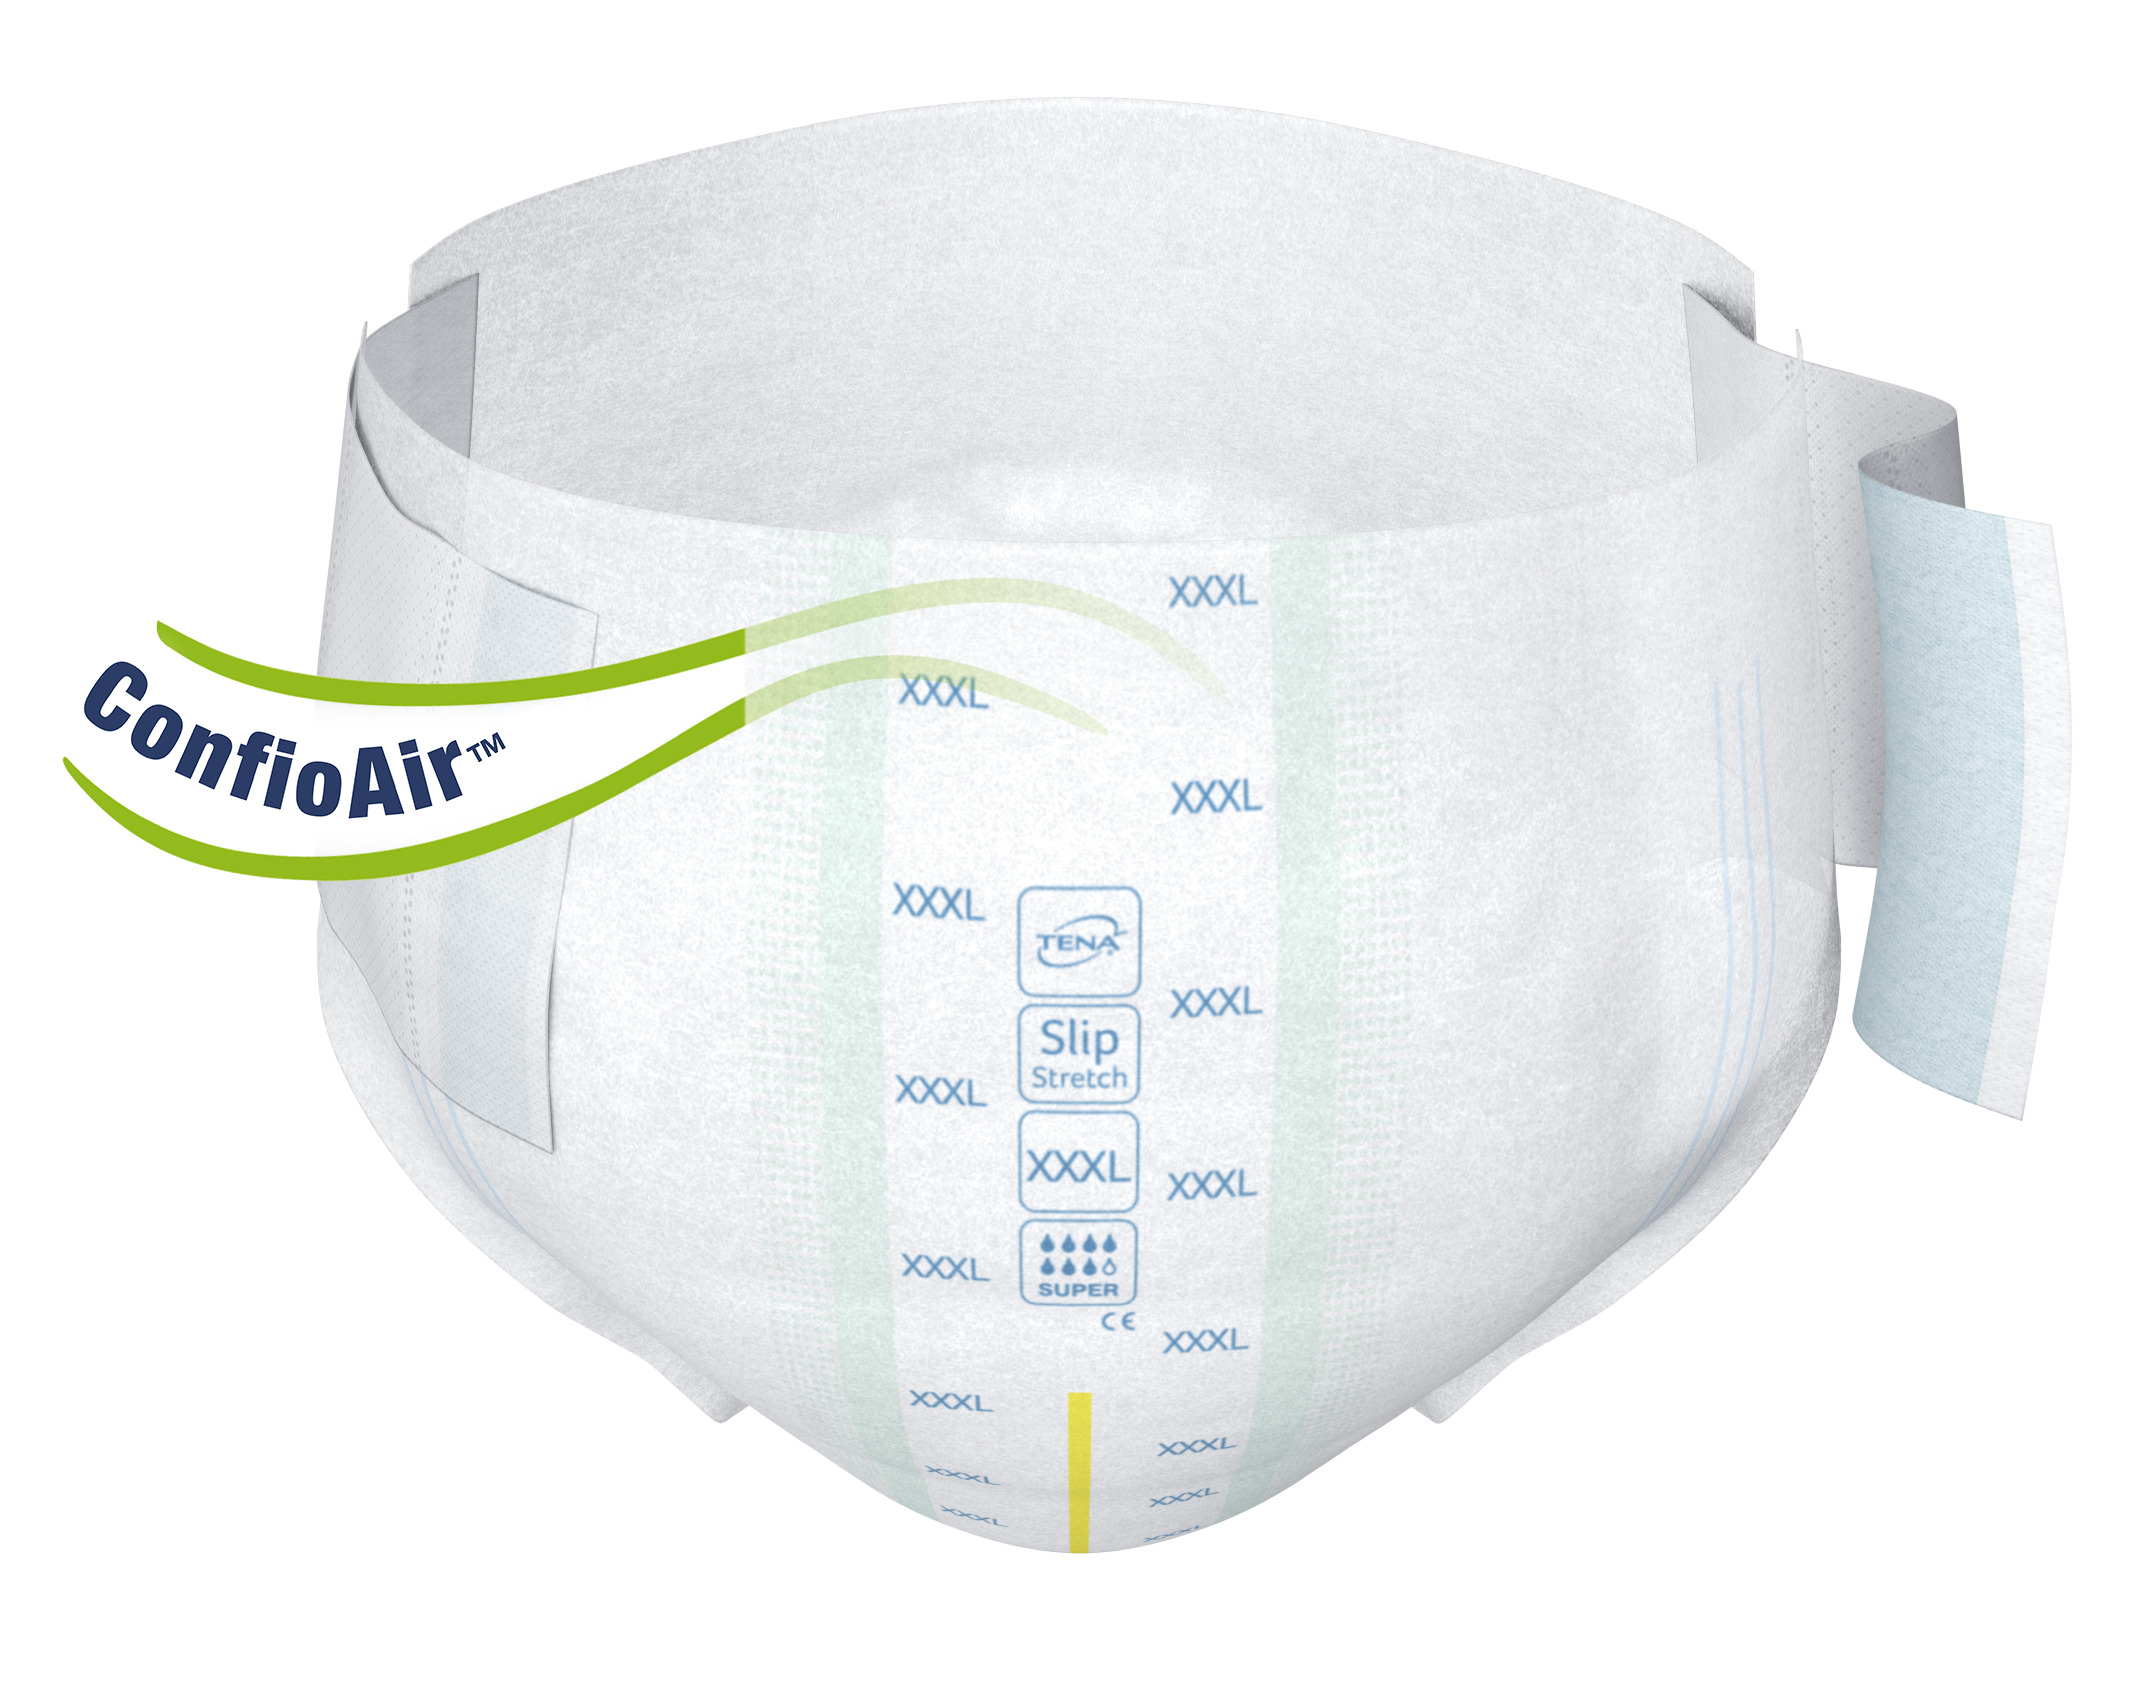 Sur ces palliatifs bariatriques, des fronces élastiques aux cuisses permettent d'obtenir un ajustement de près, d'accroître la protection contre les fuites et d'ajouter en confort.